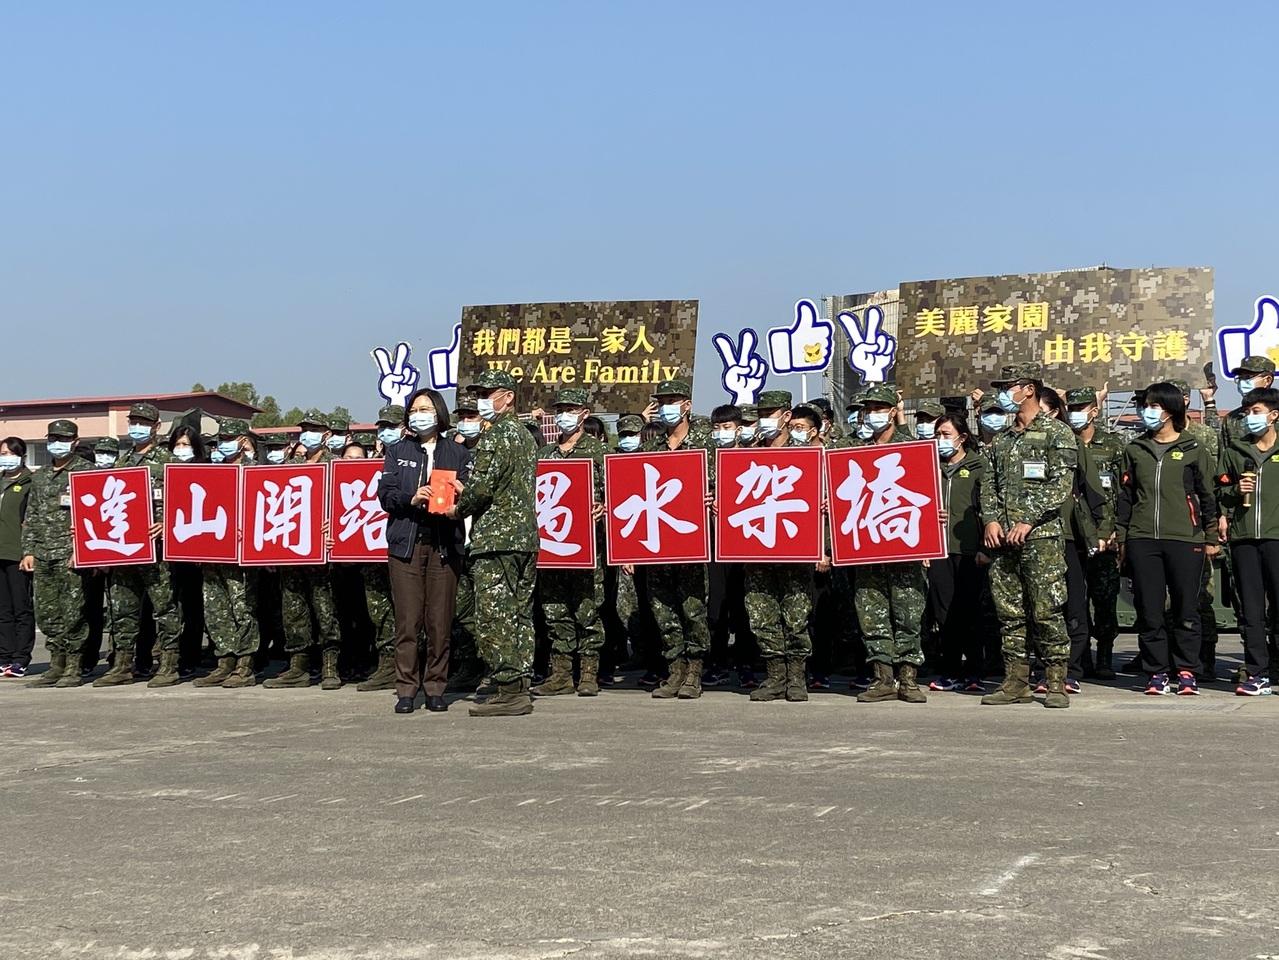 [新聞] 「啾咪看鏡頭」蔡總統視導部隊 工兵喊: